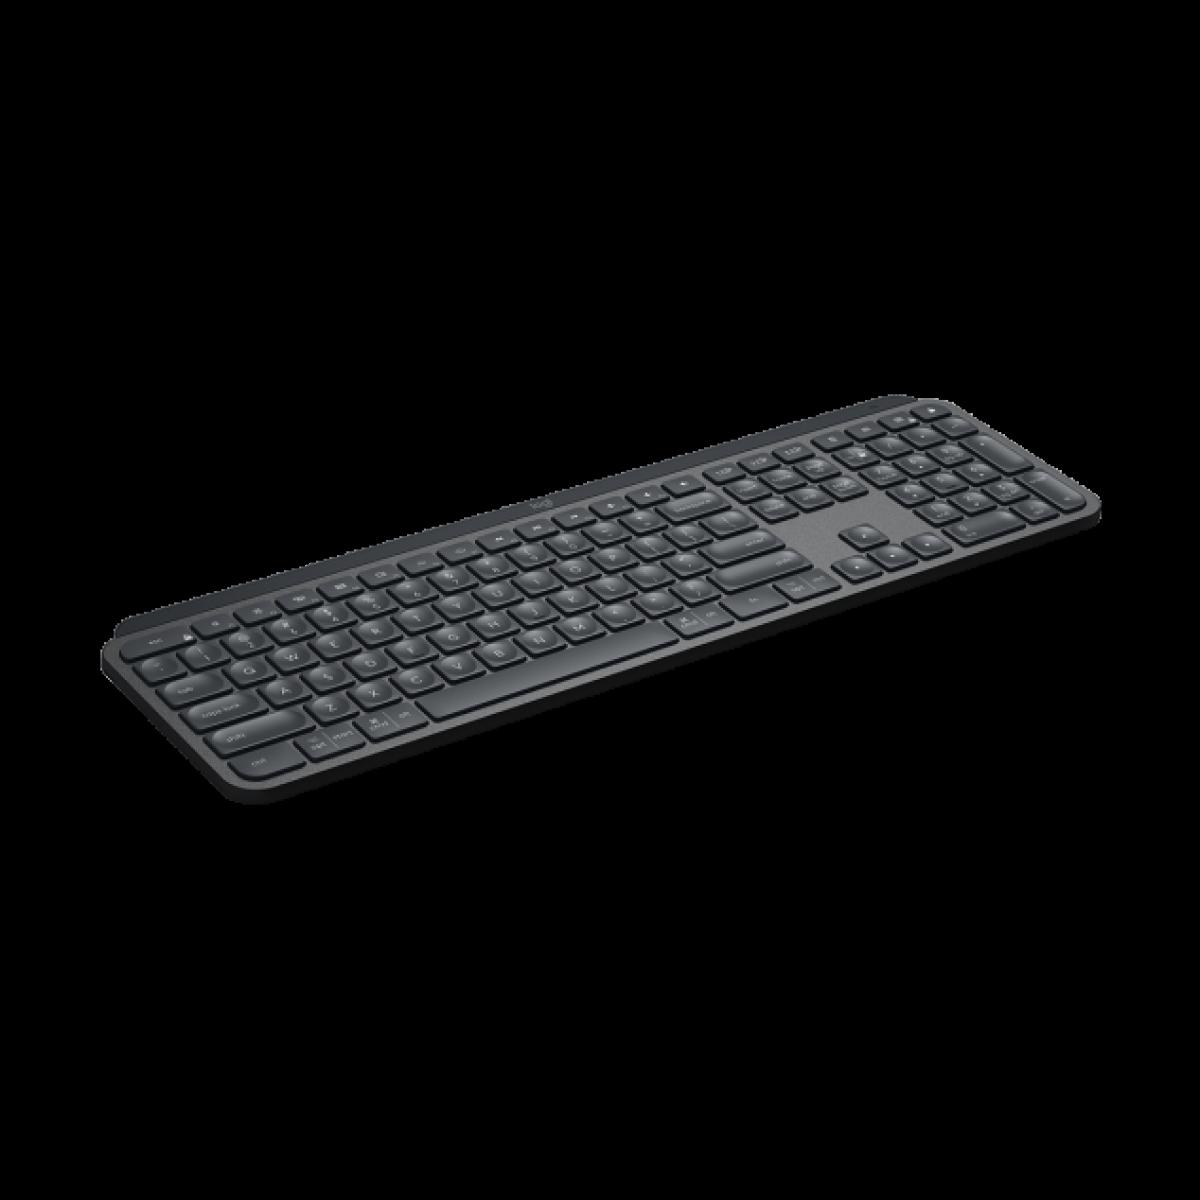 Teclado Wireless Logitech MX Keys, Black, 920-009297